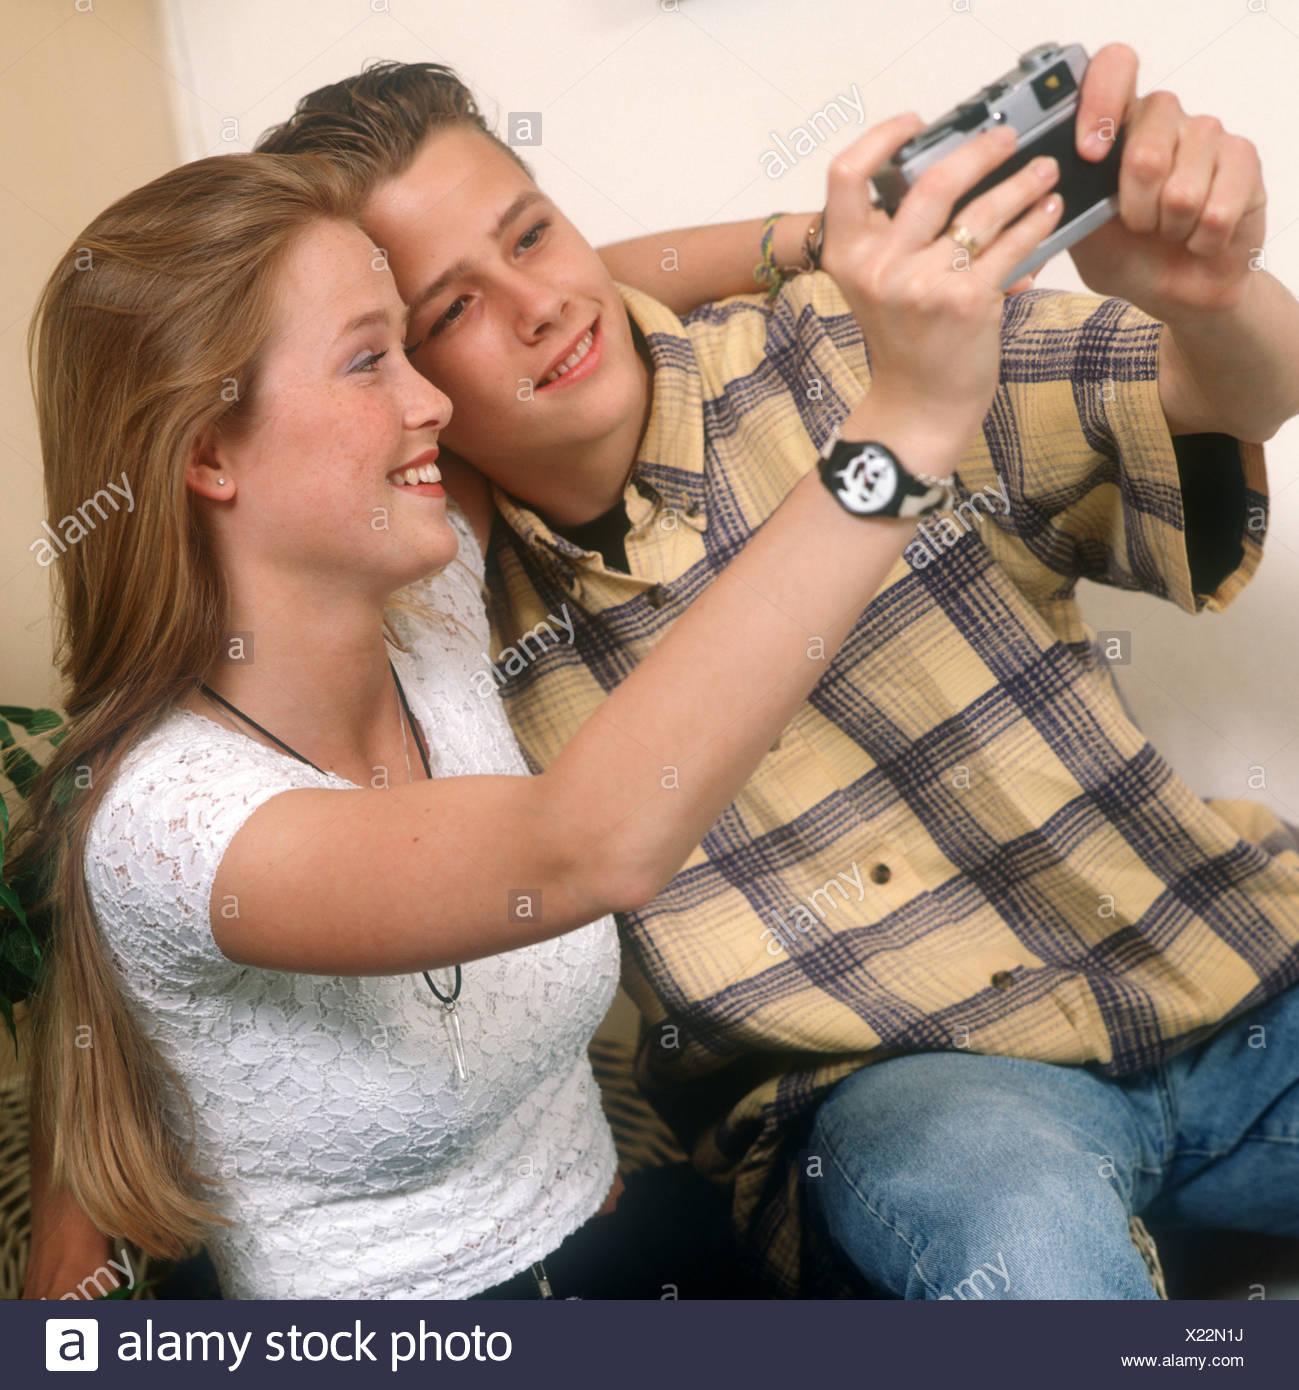 Not Girls making love to ypung men